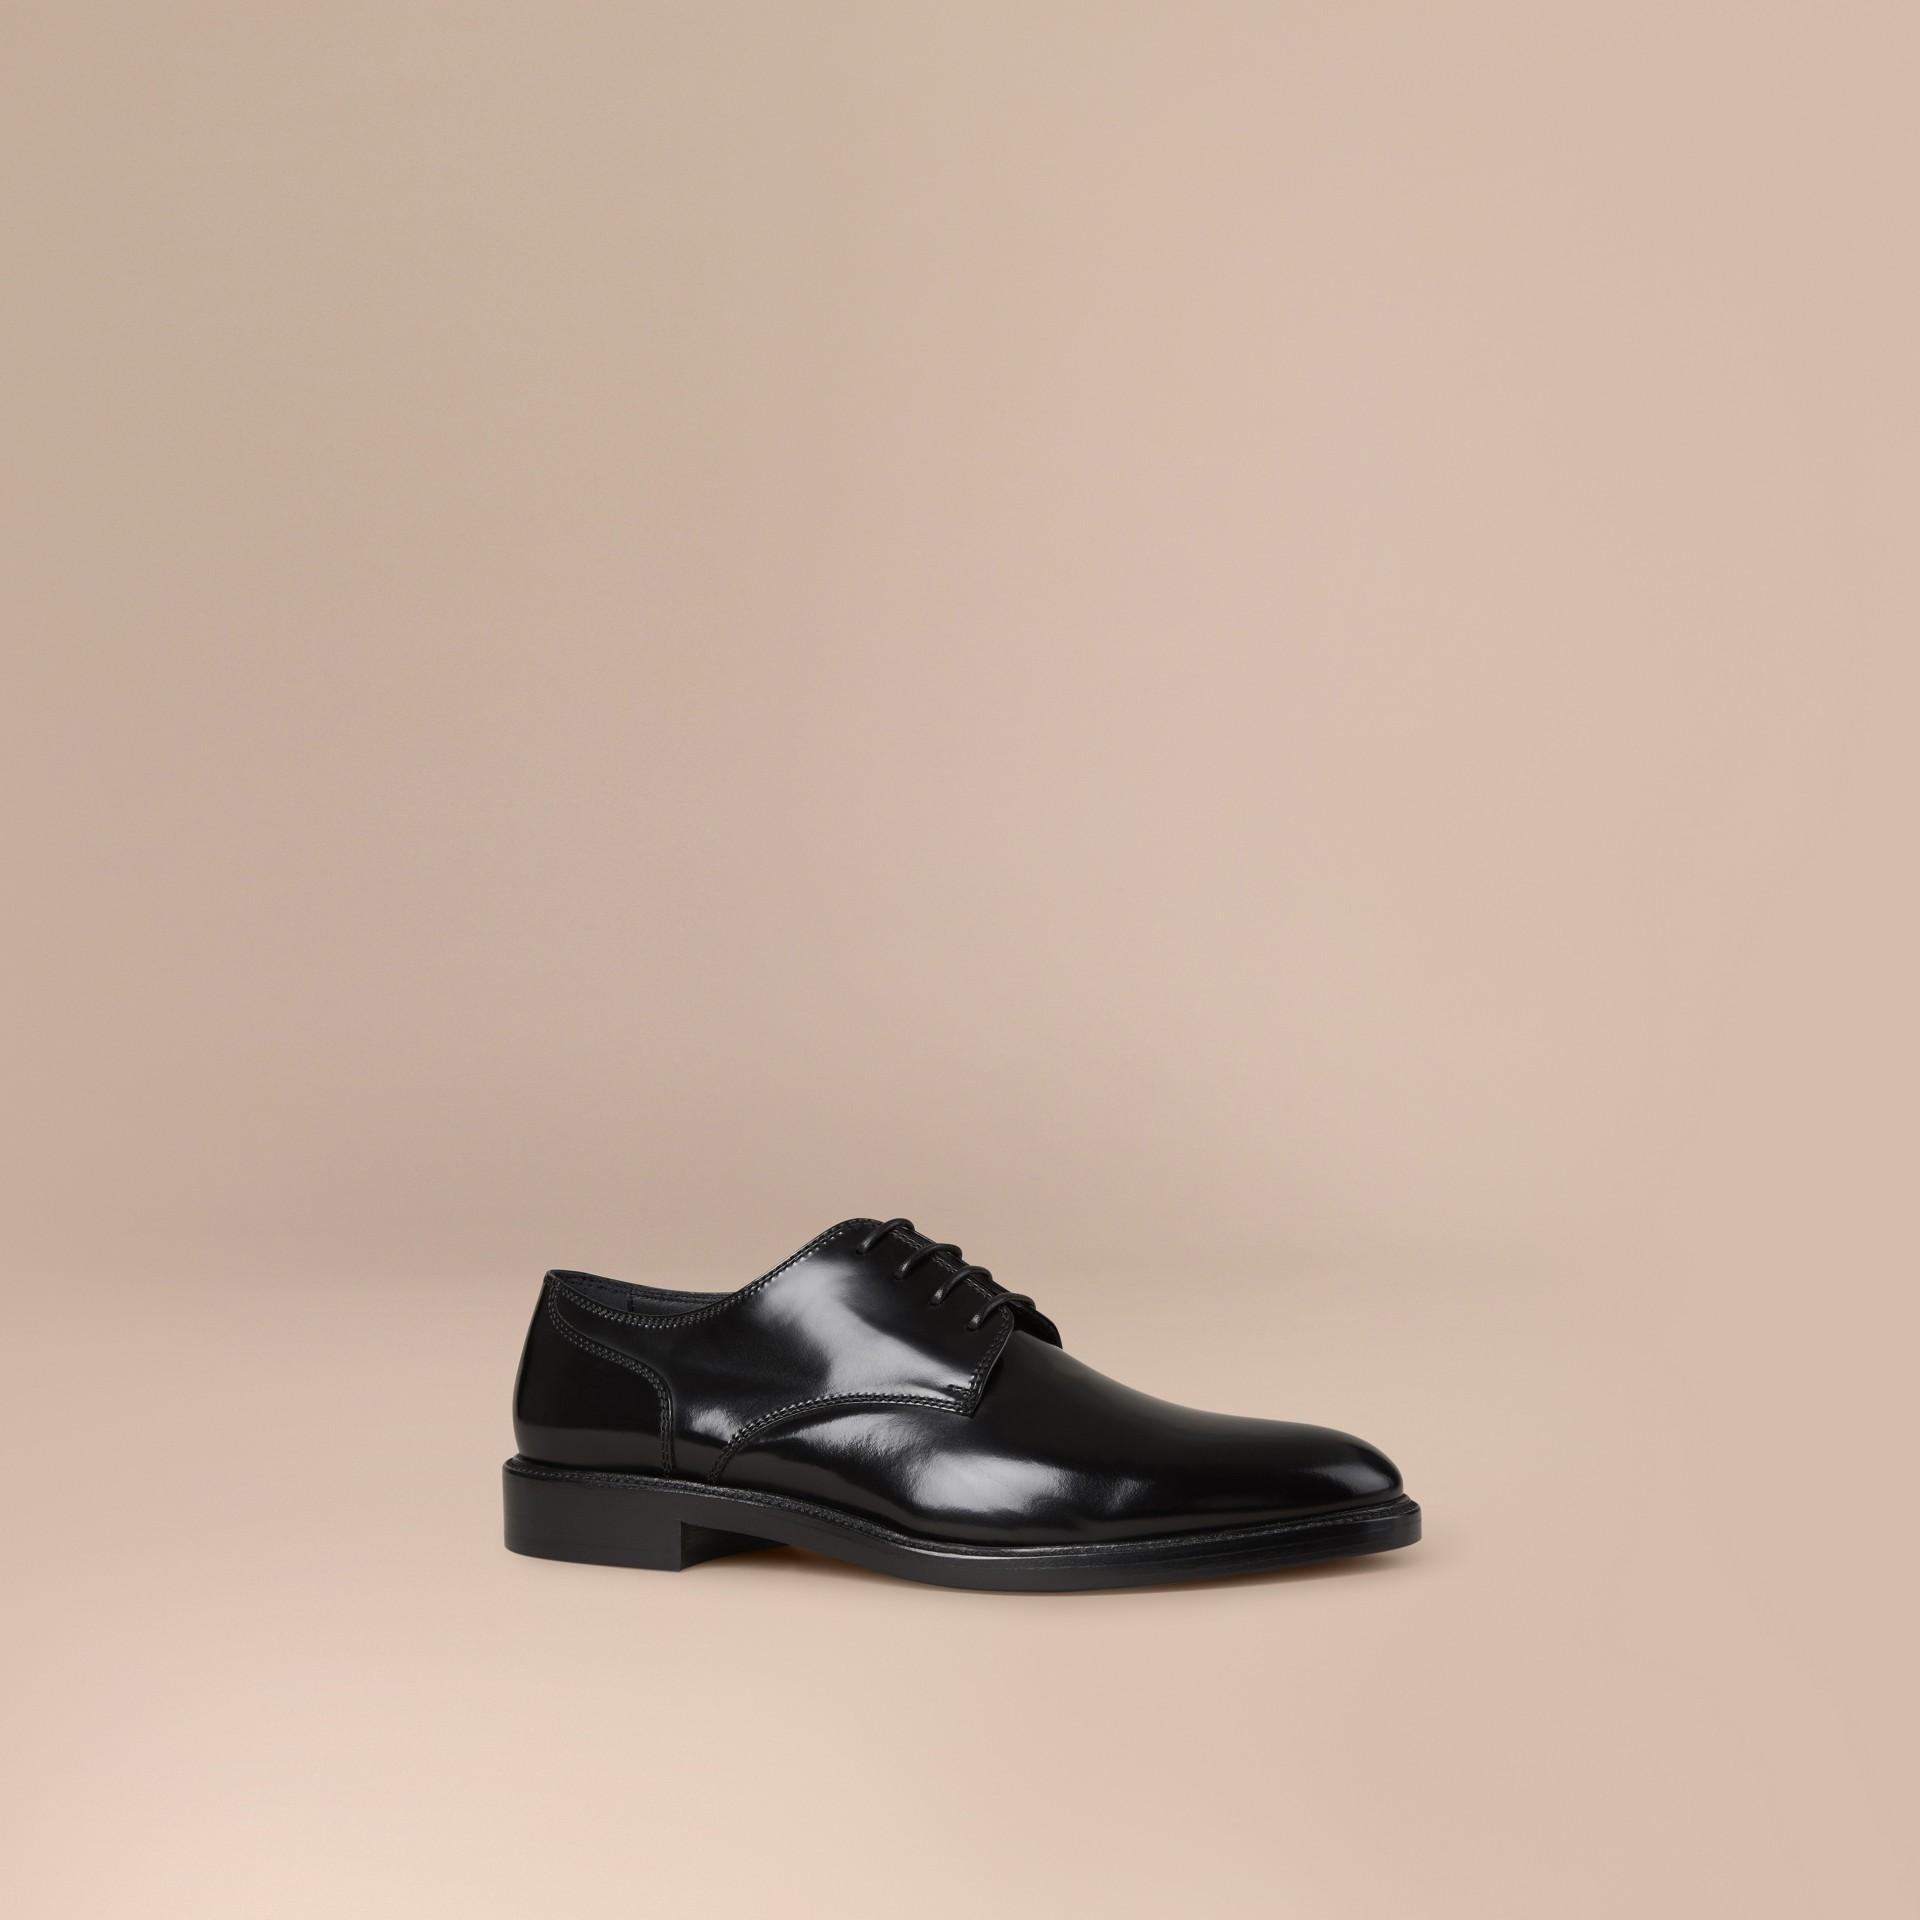 Schwarz Derby-Schuhe aus Leder Schwarz - Galerie-Bild 1